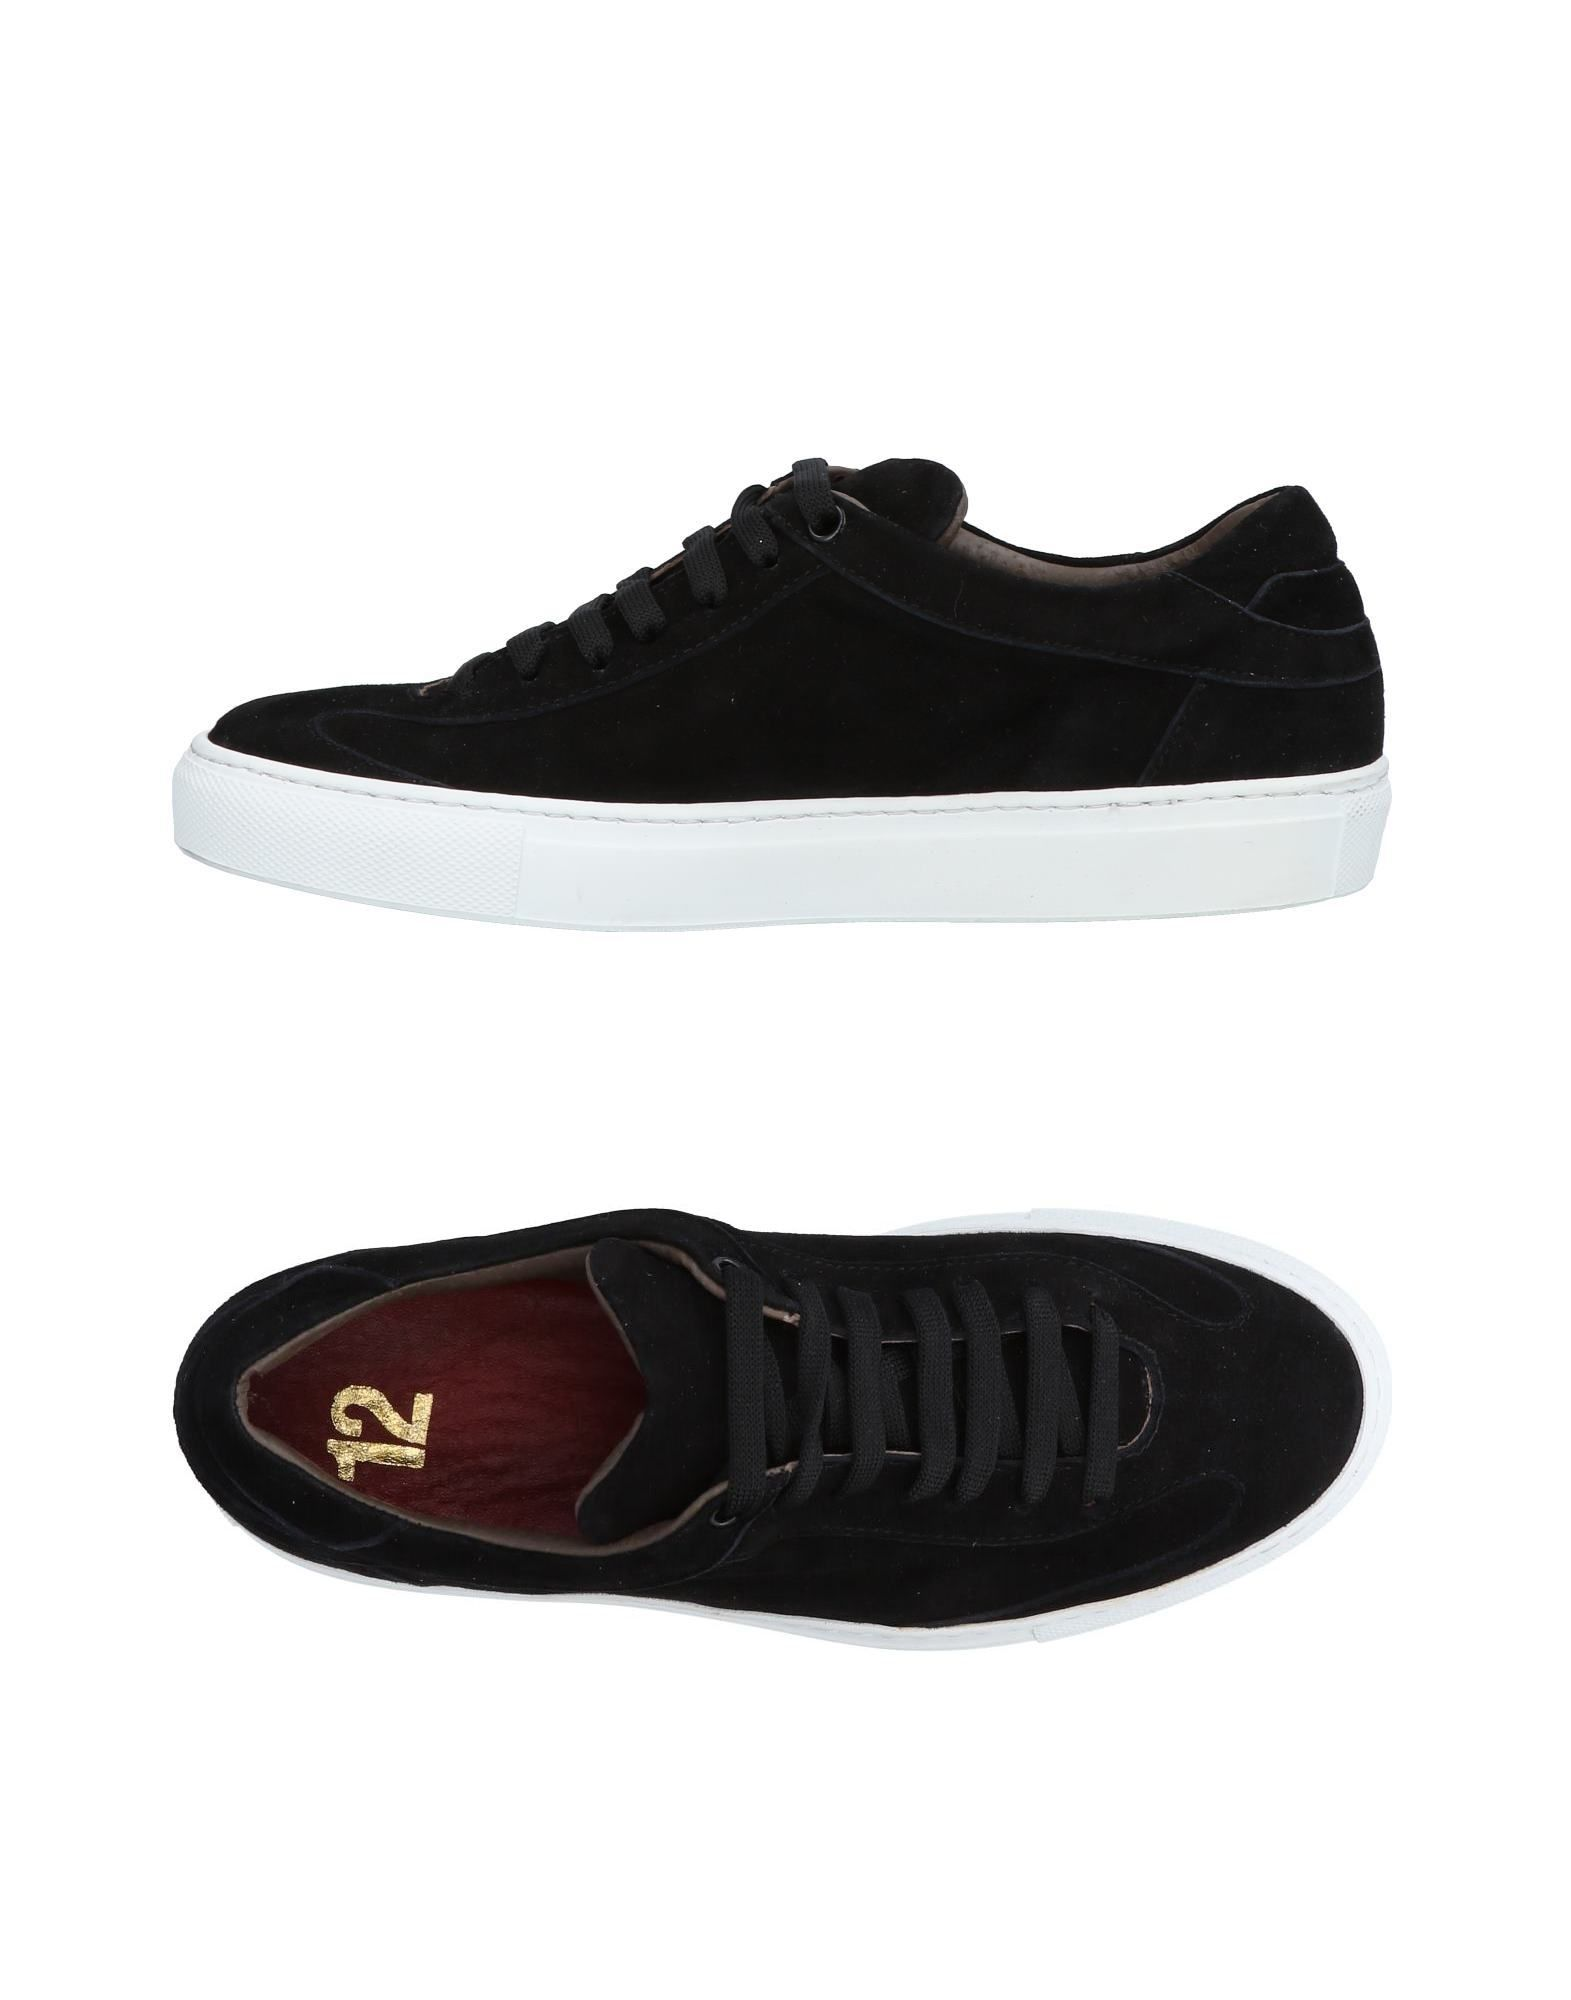 Tsd12 Gute Sneakers Damen  11454252XC Gute Tsd12 Qualität beliebte Schuhe 9ef48c